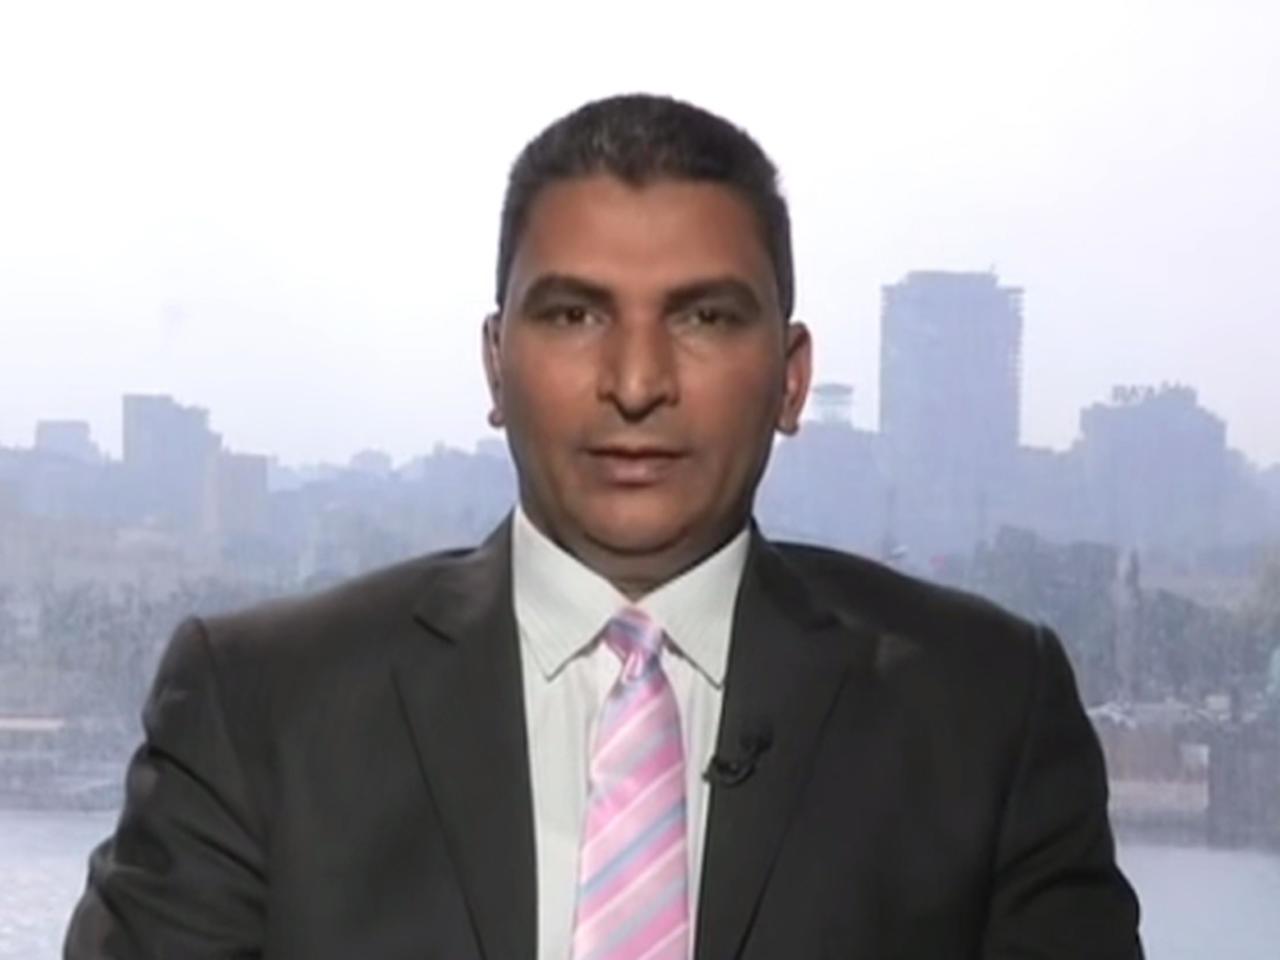 بشير عبد الفتاح: «حياة كريمة» تساهم في تقليل الهجرة من الريف إلى المدينة